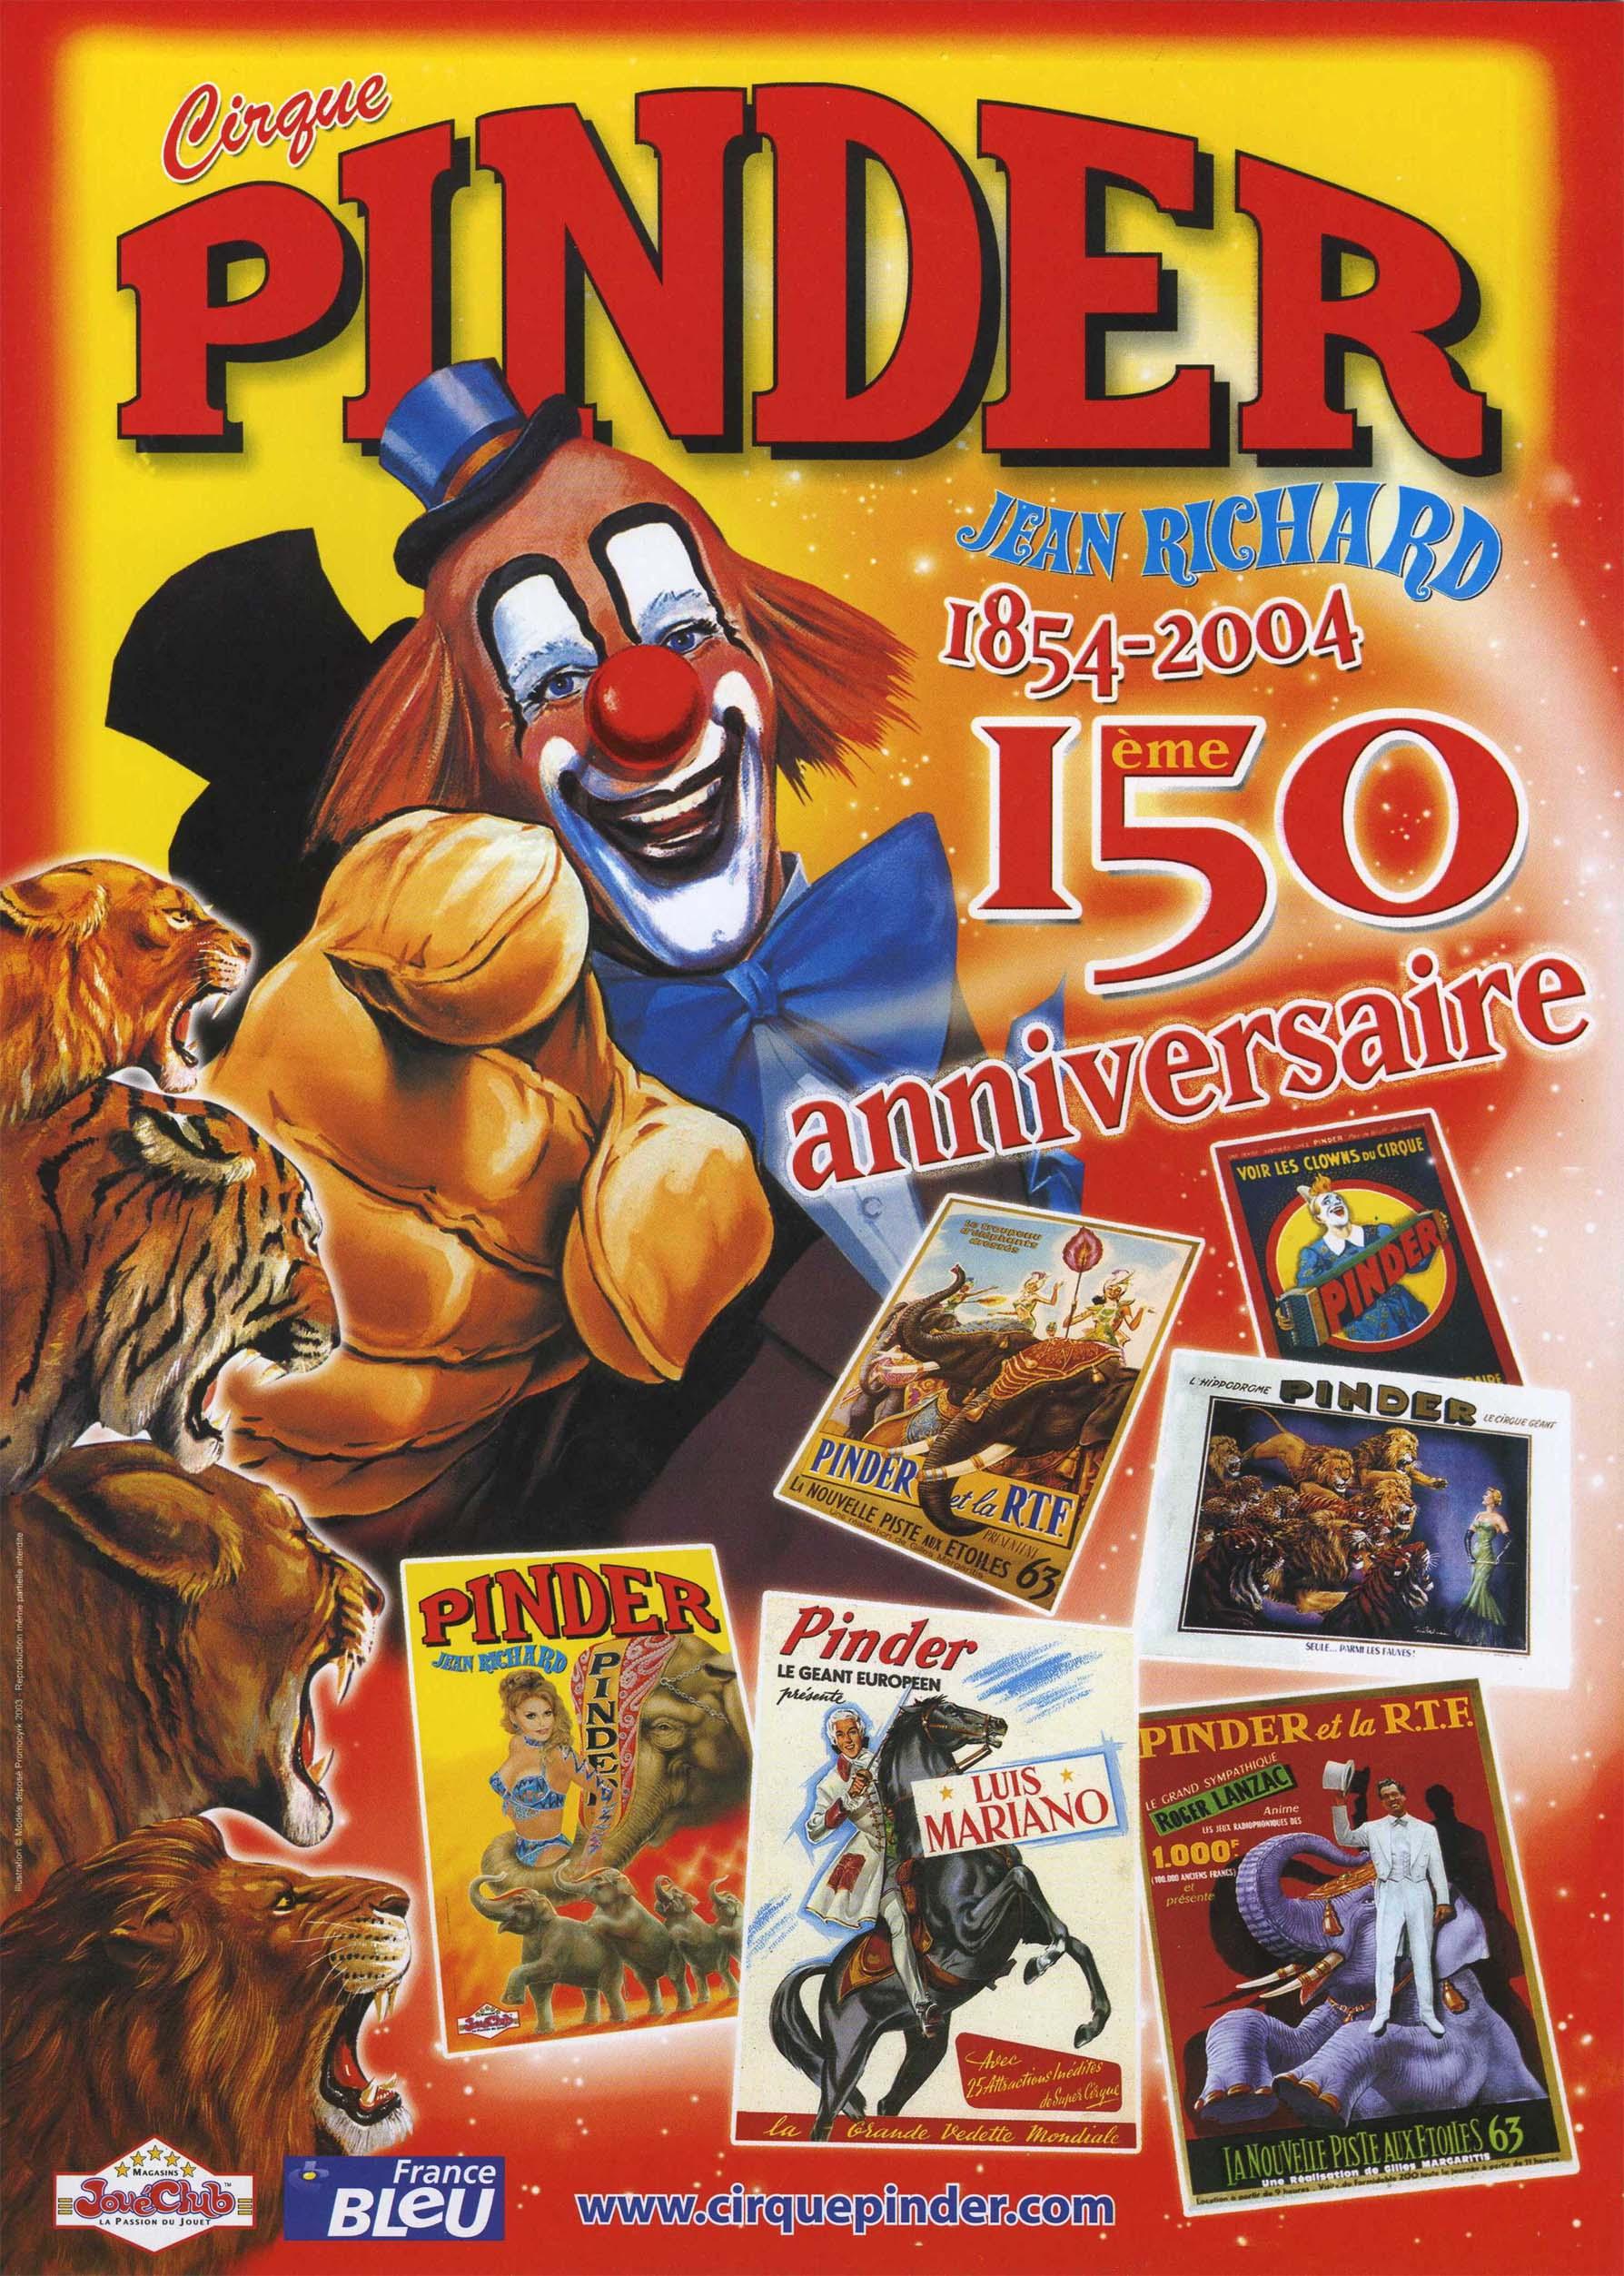 anniversaire cirque pinder